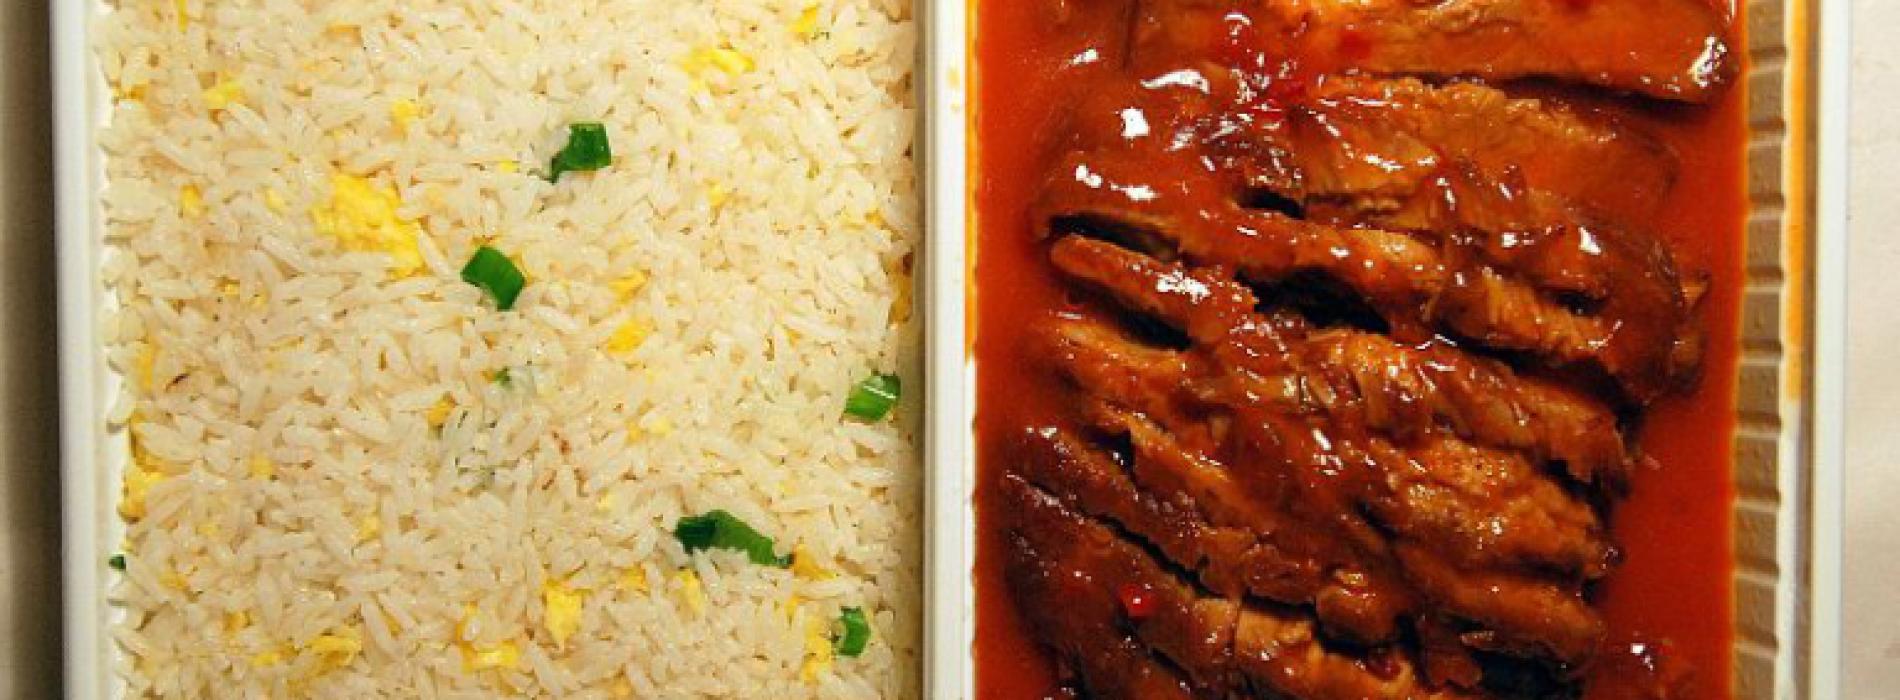 Om DEZE reden moet je nooit zomaar de restjes van chinees opwarmen, het is schadelijk voor ons!